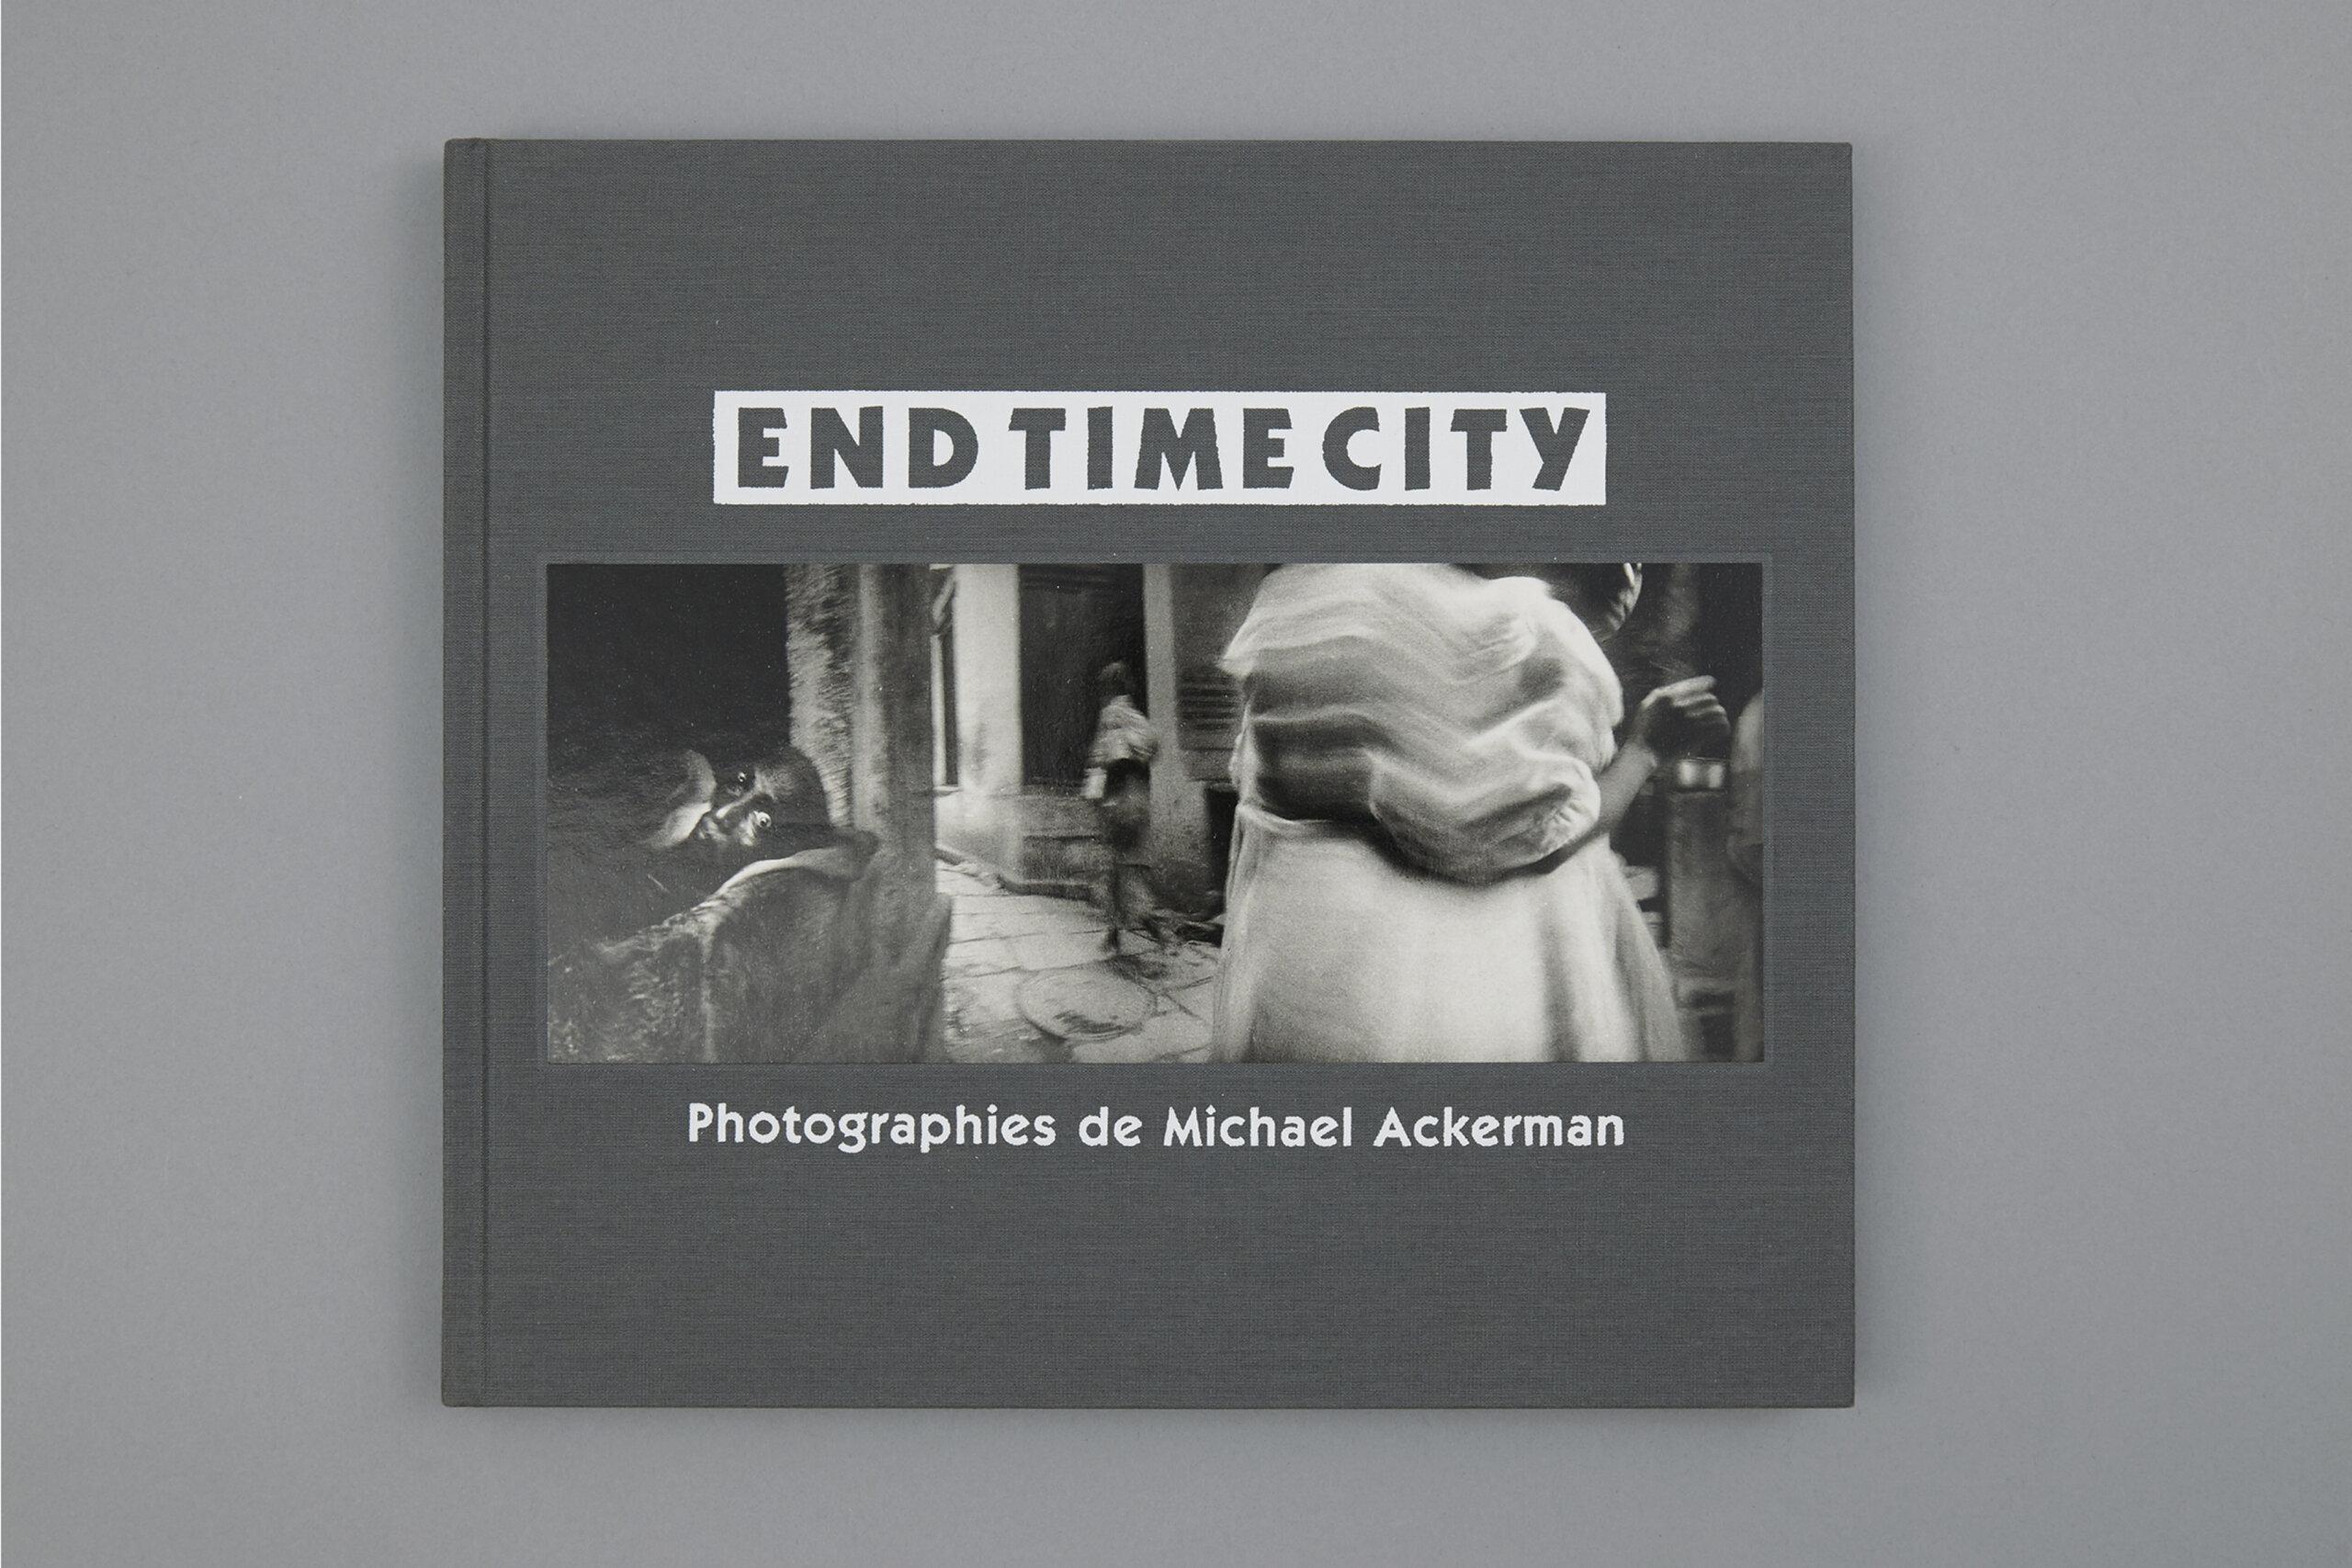 delpire-ACKERMAN-michael-end-time-city